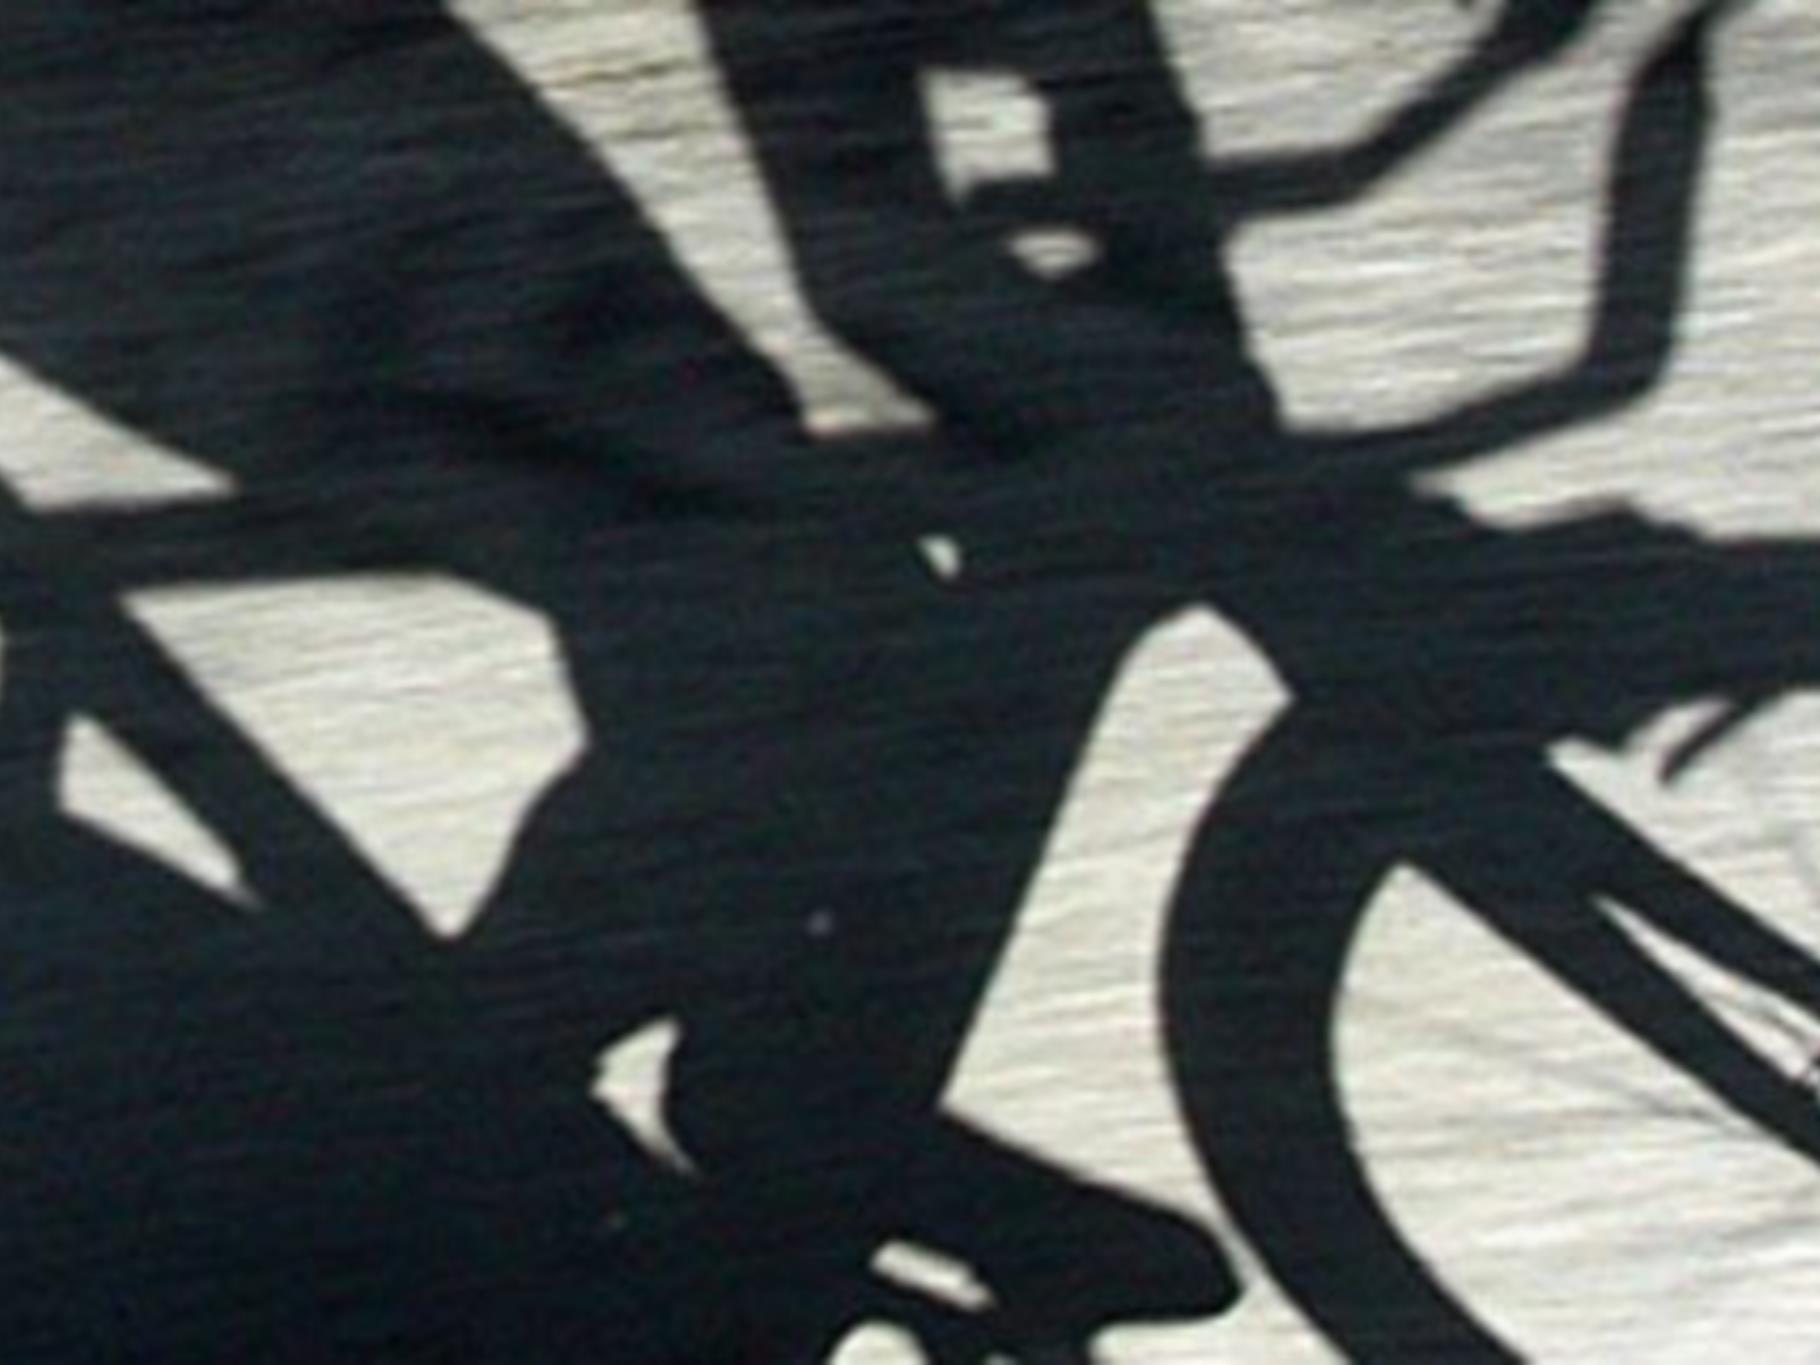 Der Unbekannte flüchtete dann auf dem Fahrrad, die Polizei fahndet.